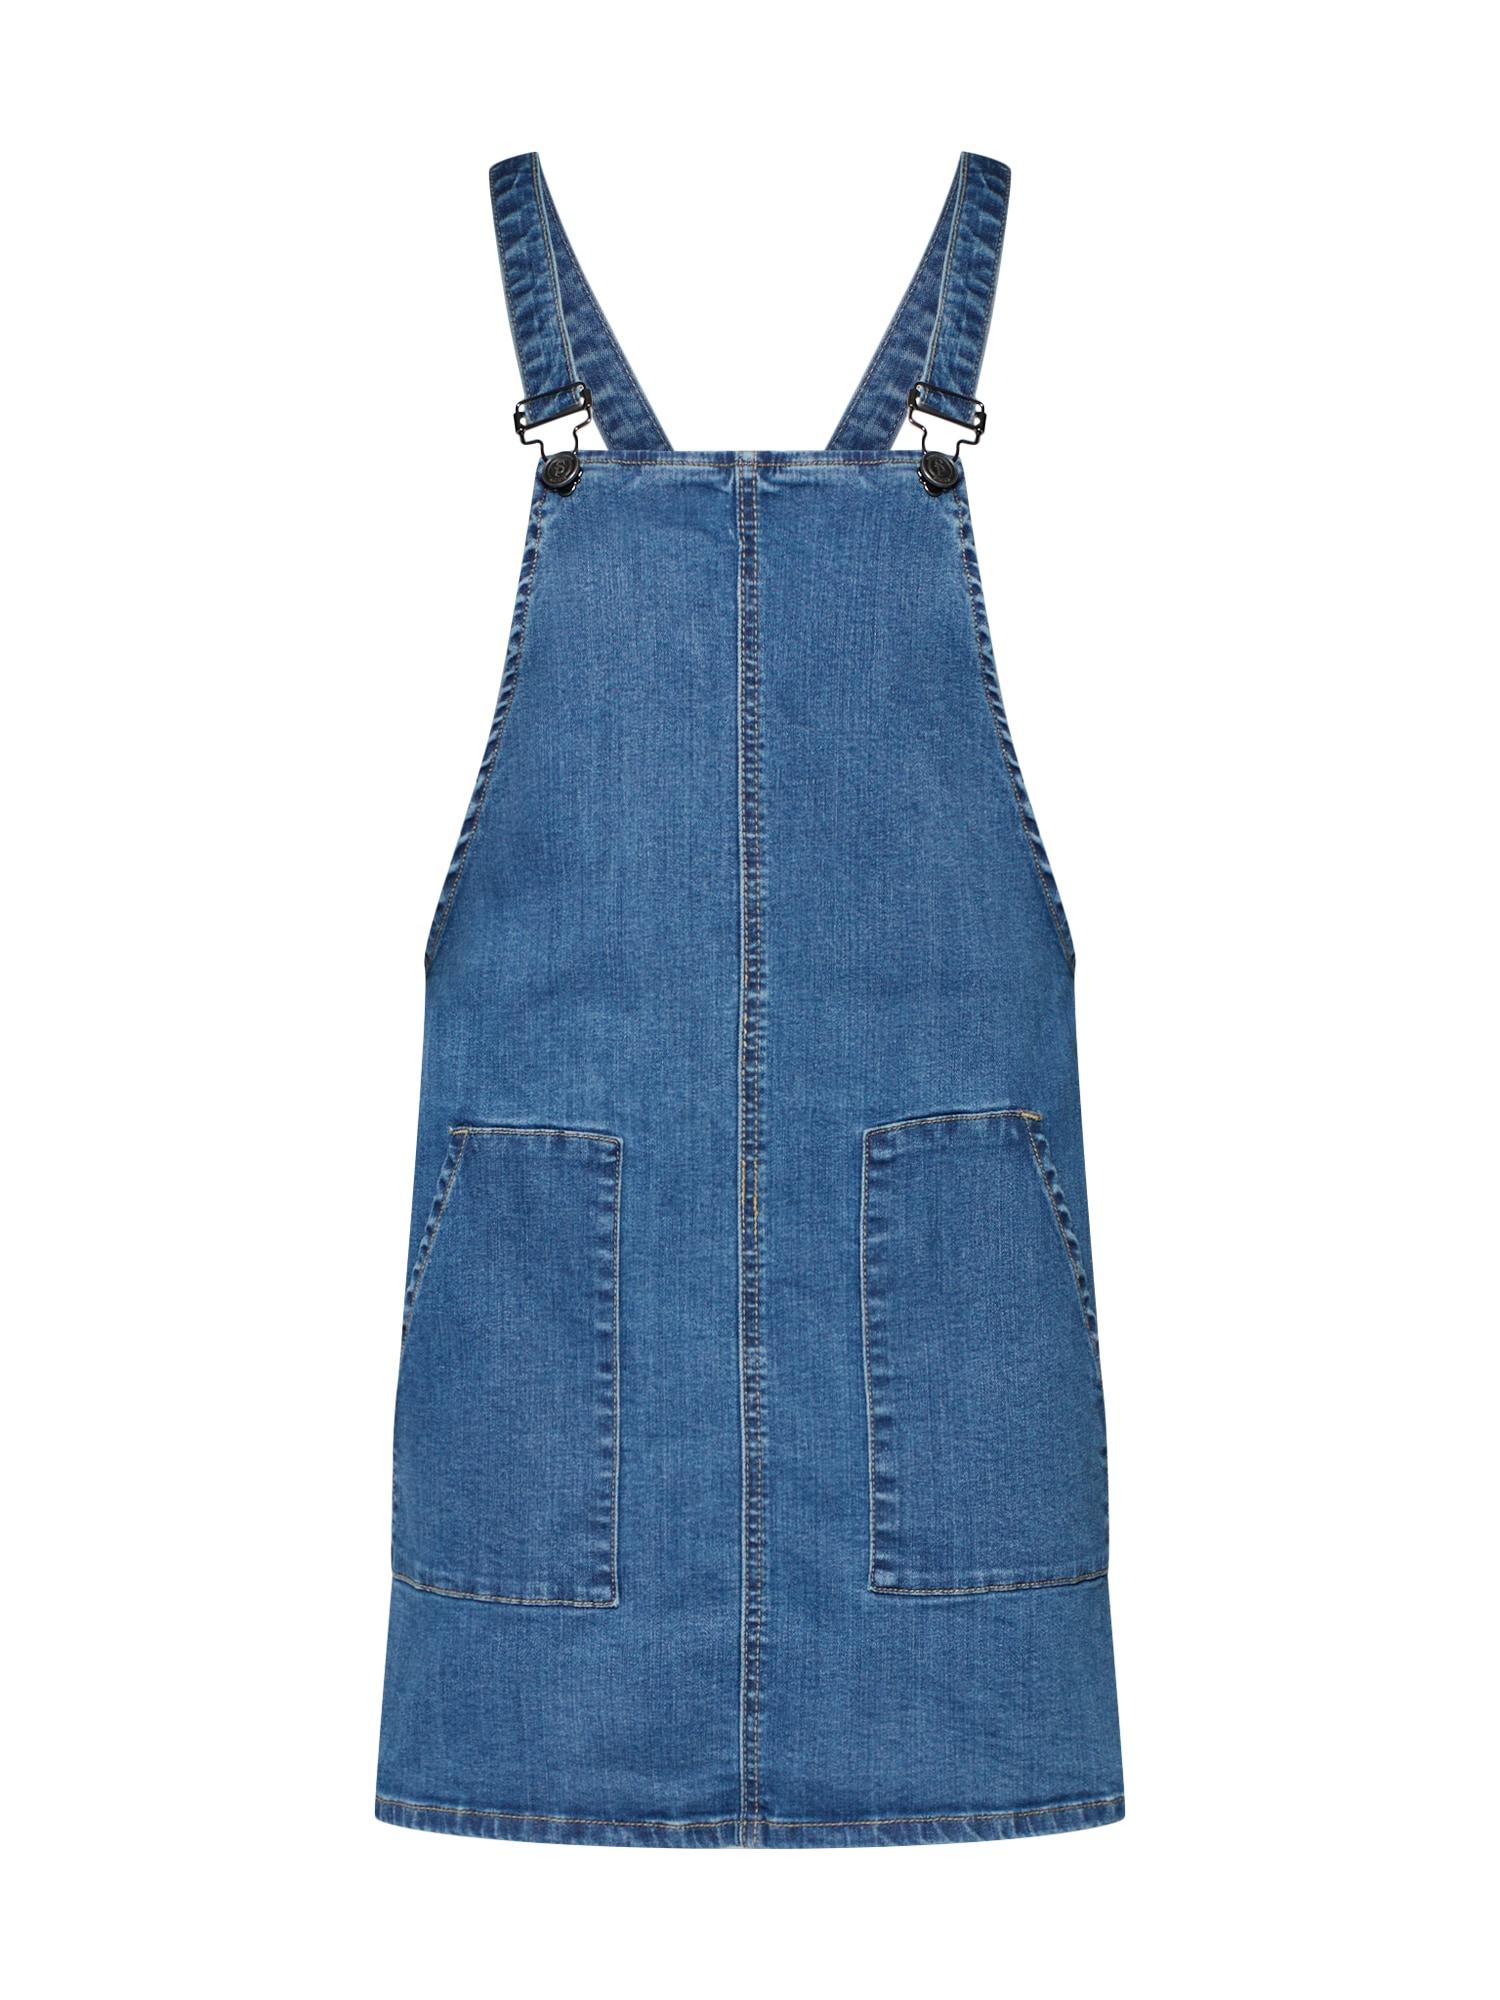 Laclová sukně modrá džínovina SISTERS POINT